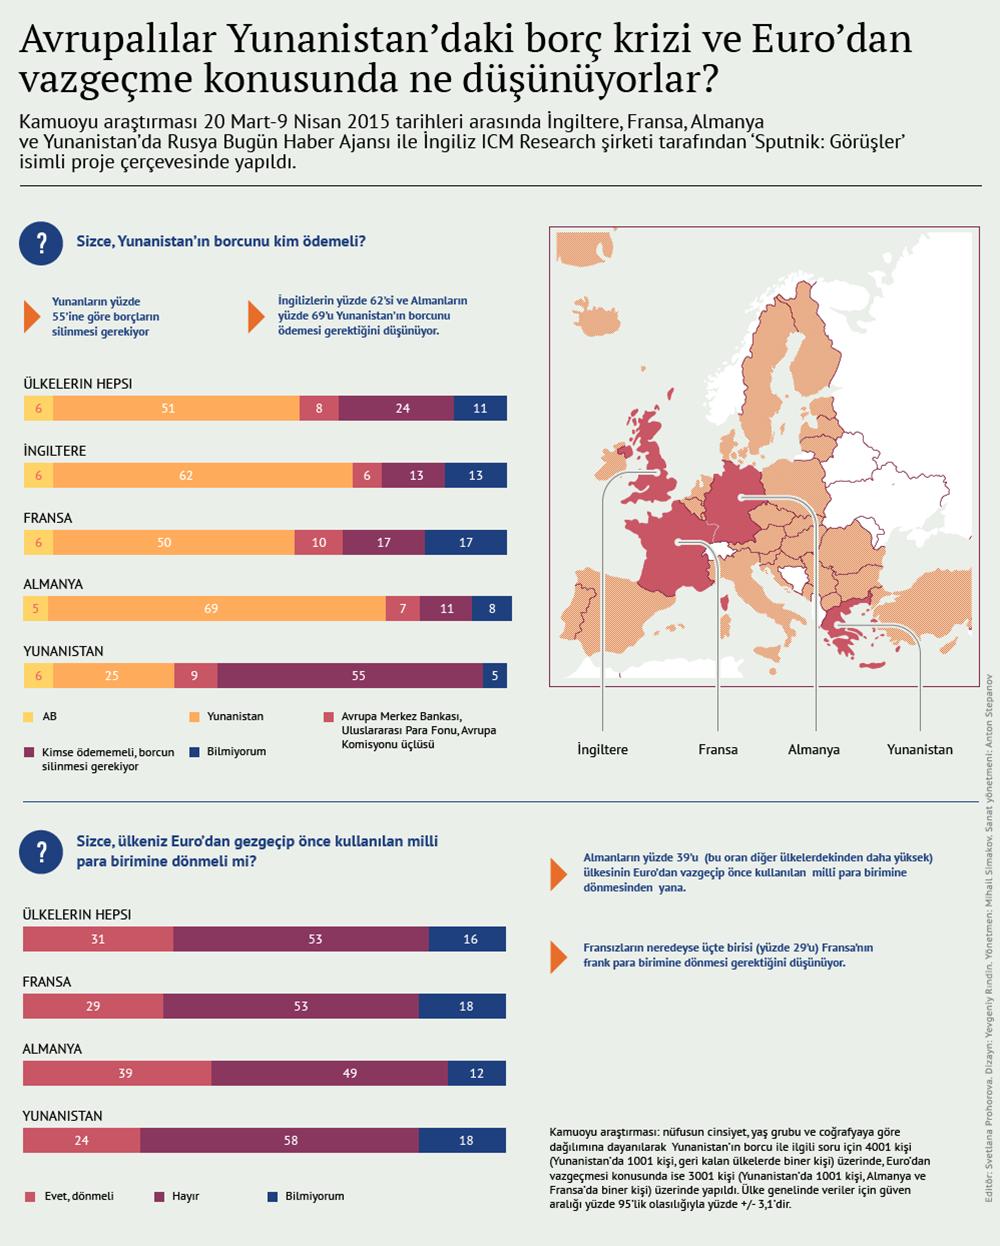 Avrupalılar ve Yunanistan